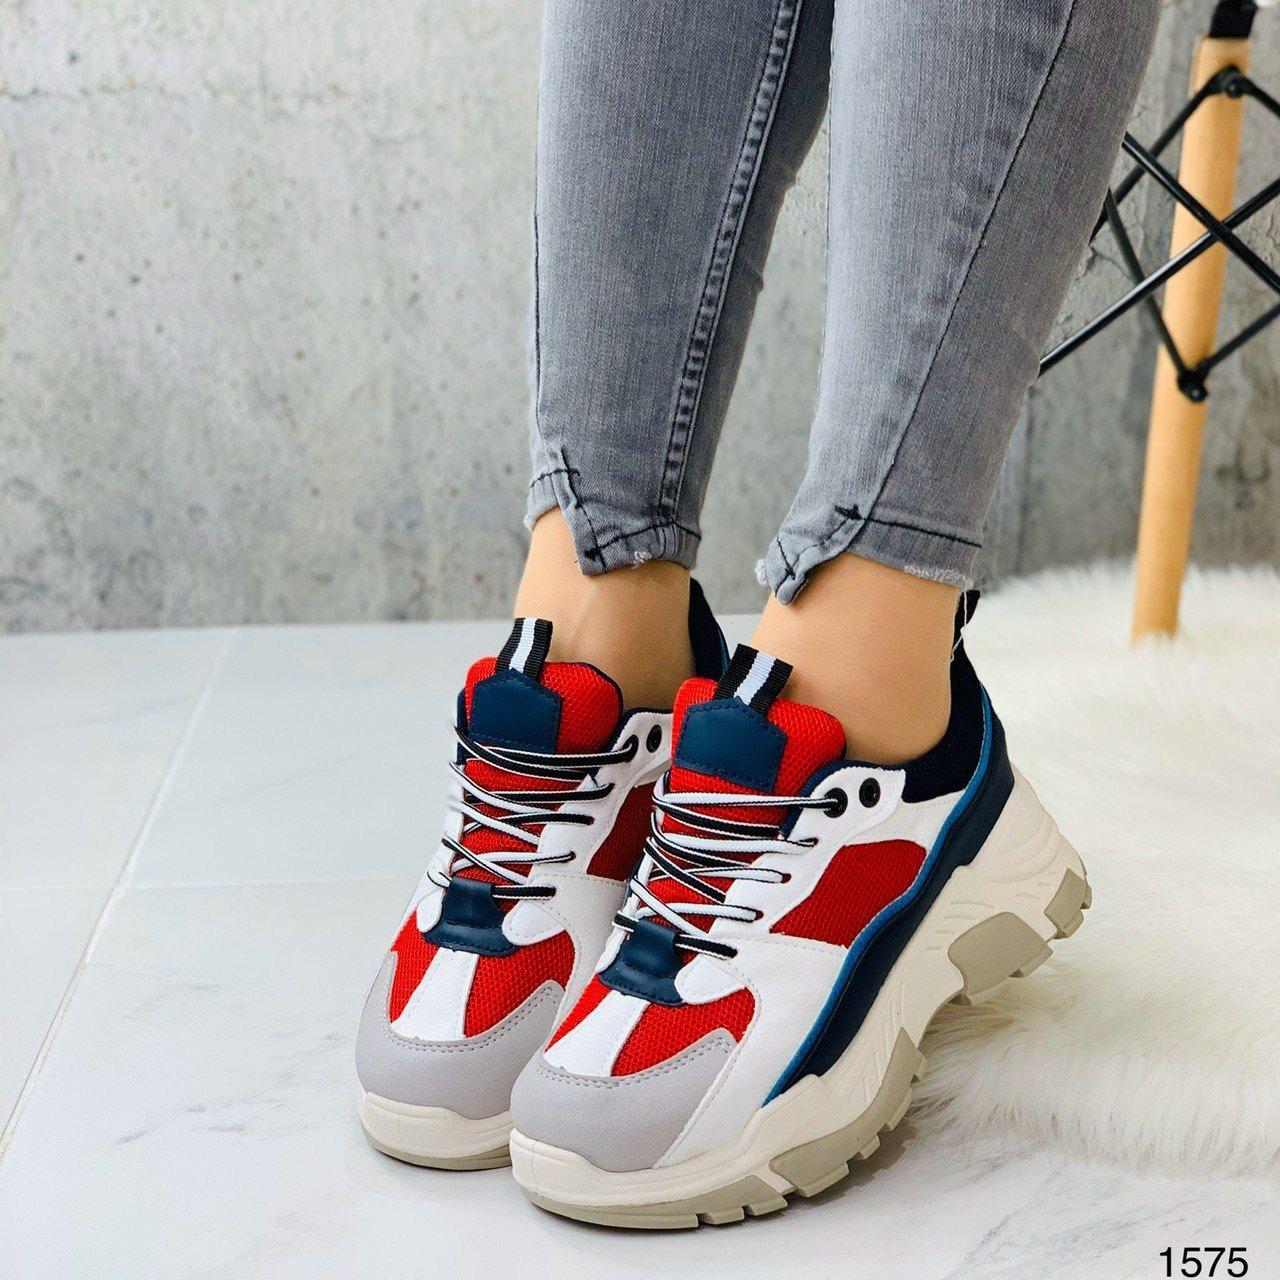 Яркие и стильные женские кроссовки на высокой подошве